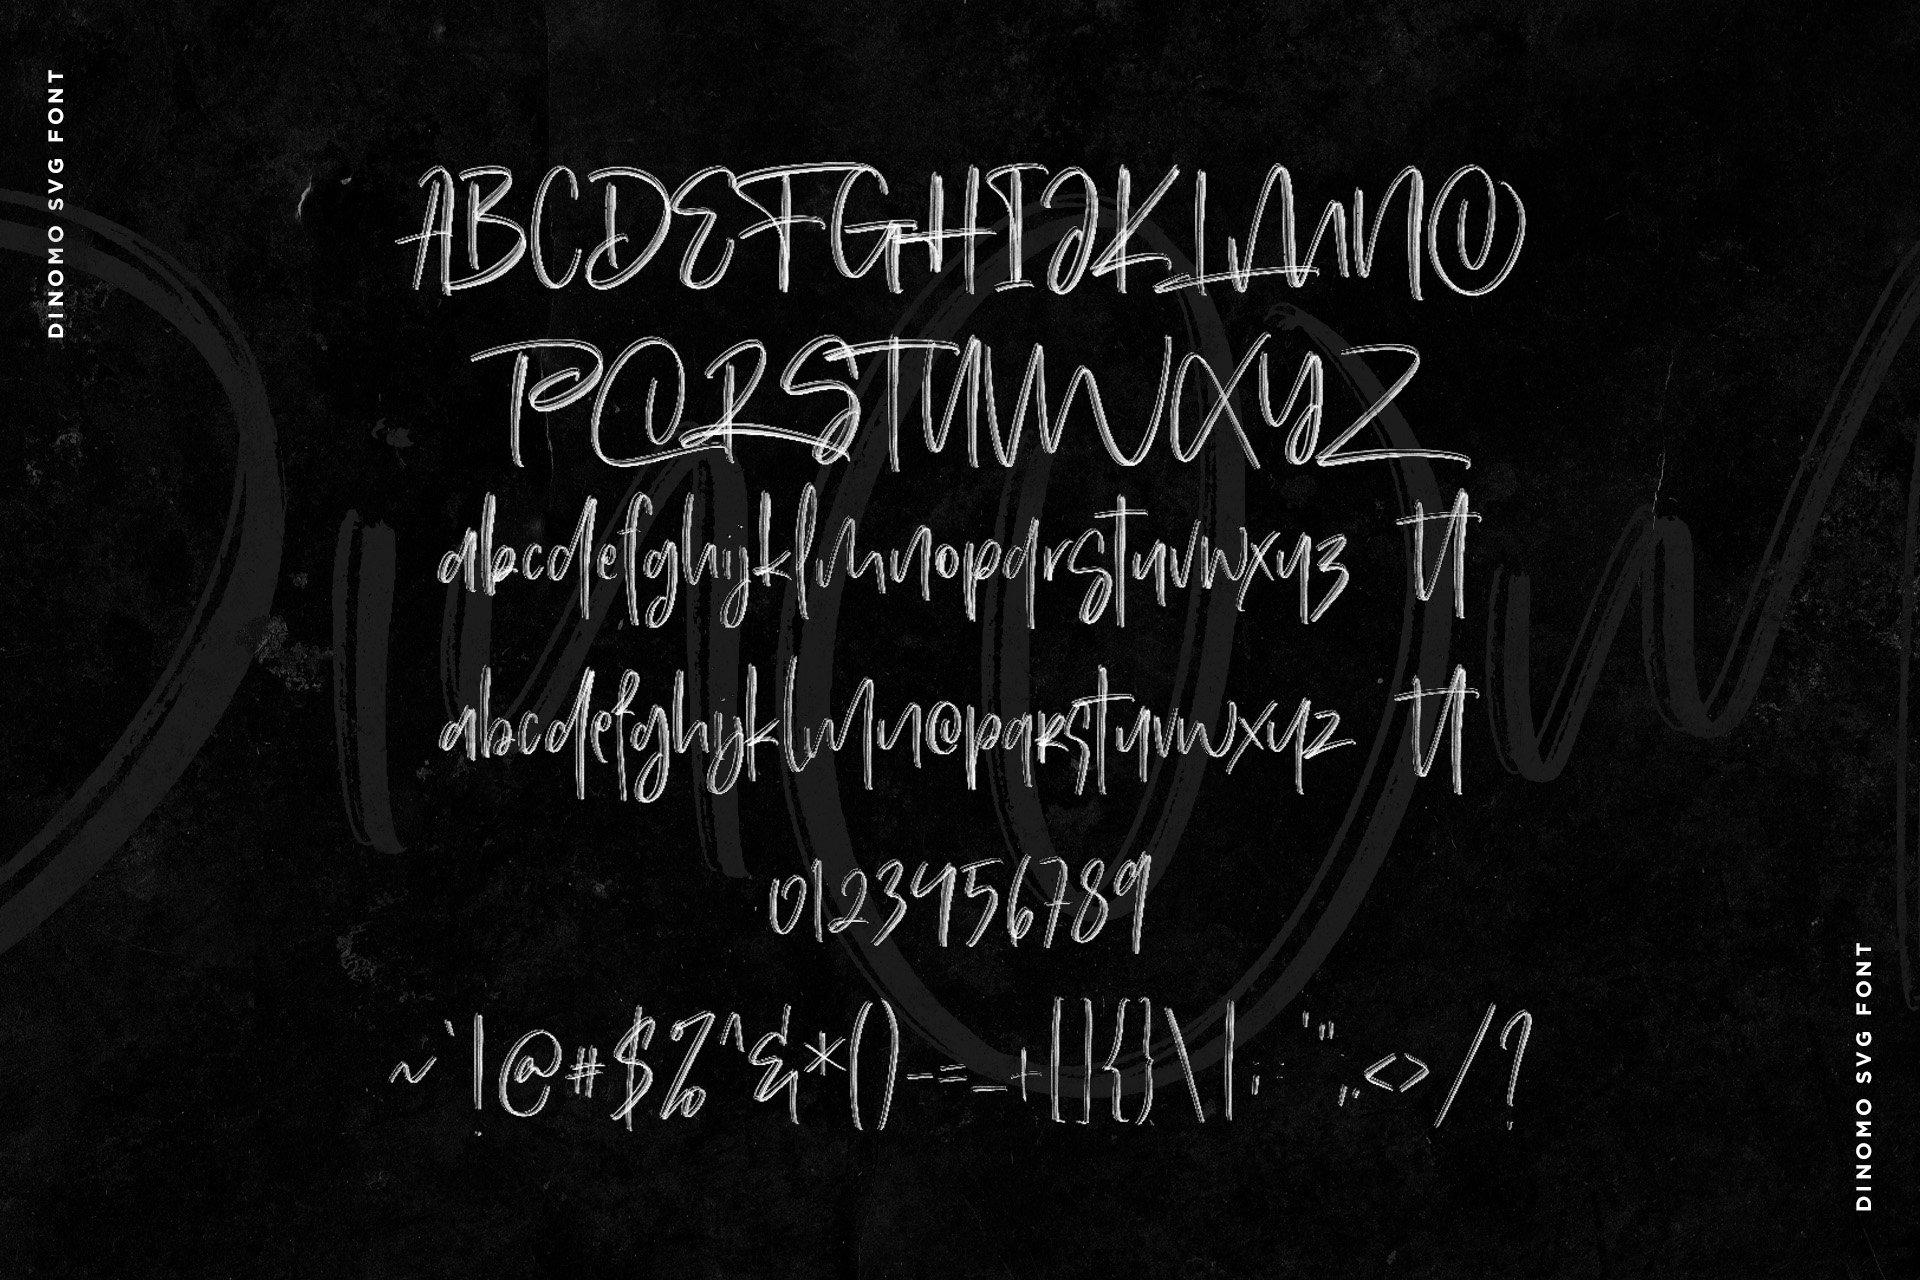 手写涂鸦书法笔刷杂志海报Logo标题英文字体设计素材 Dinomo SVG Brush Font插图8